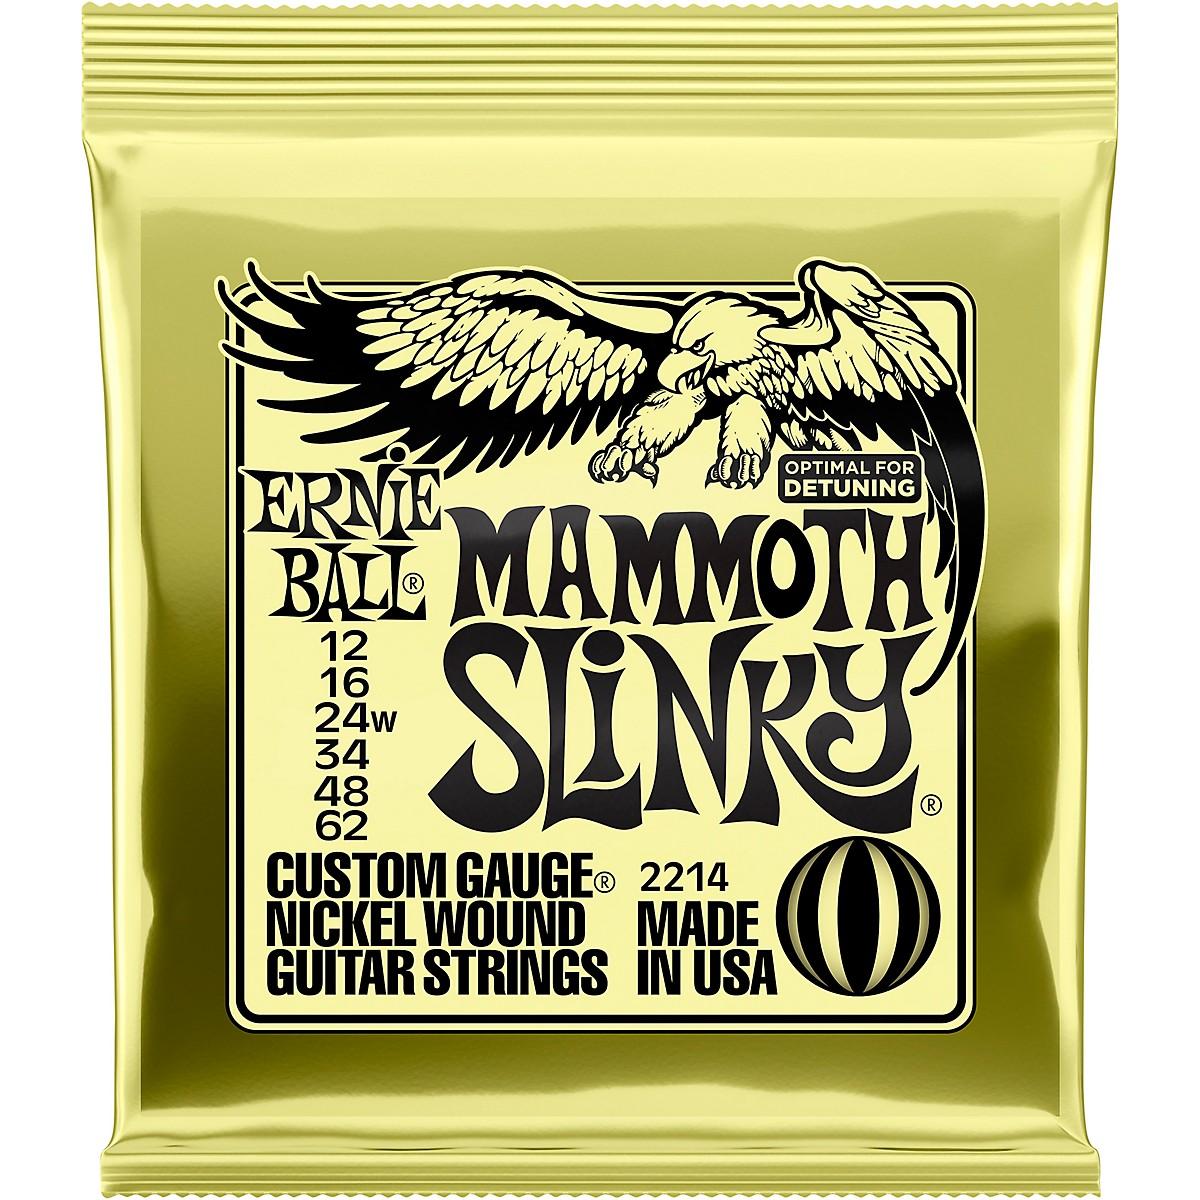 Ernie Ball Mammoth Slinky Nickel Wound Electric Guitar Strings - Gauge